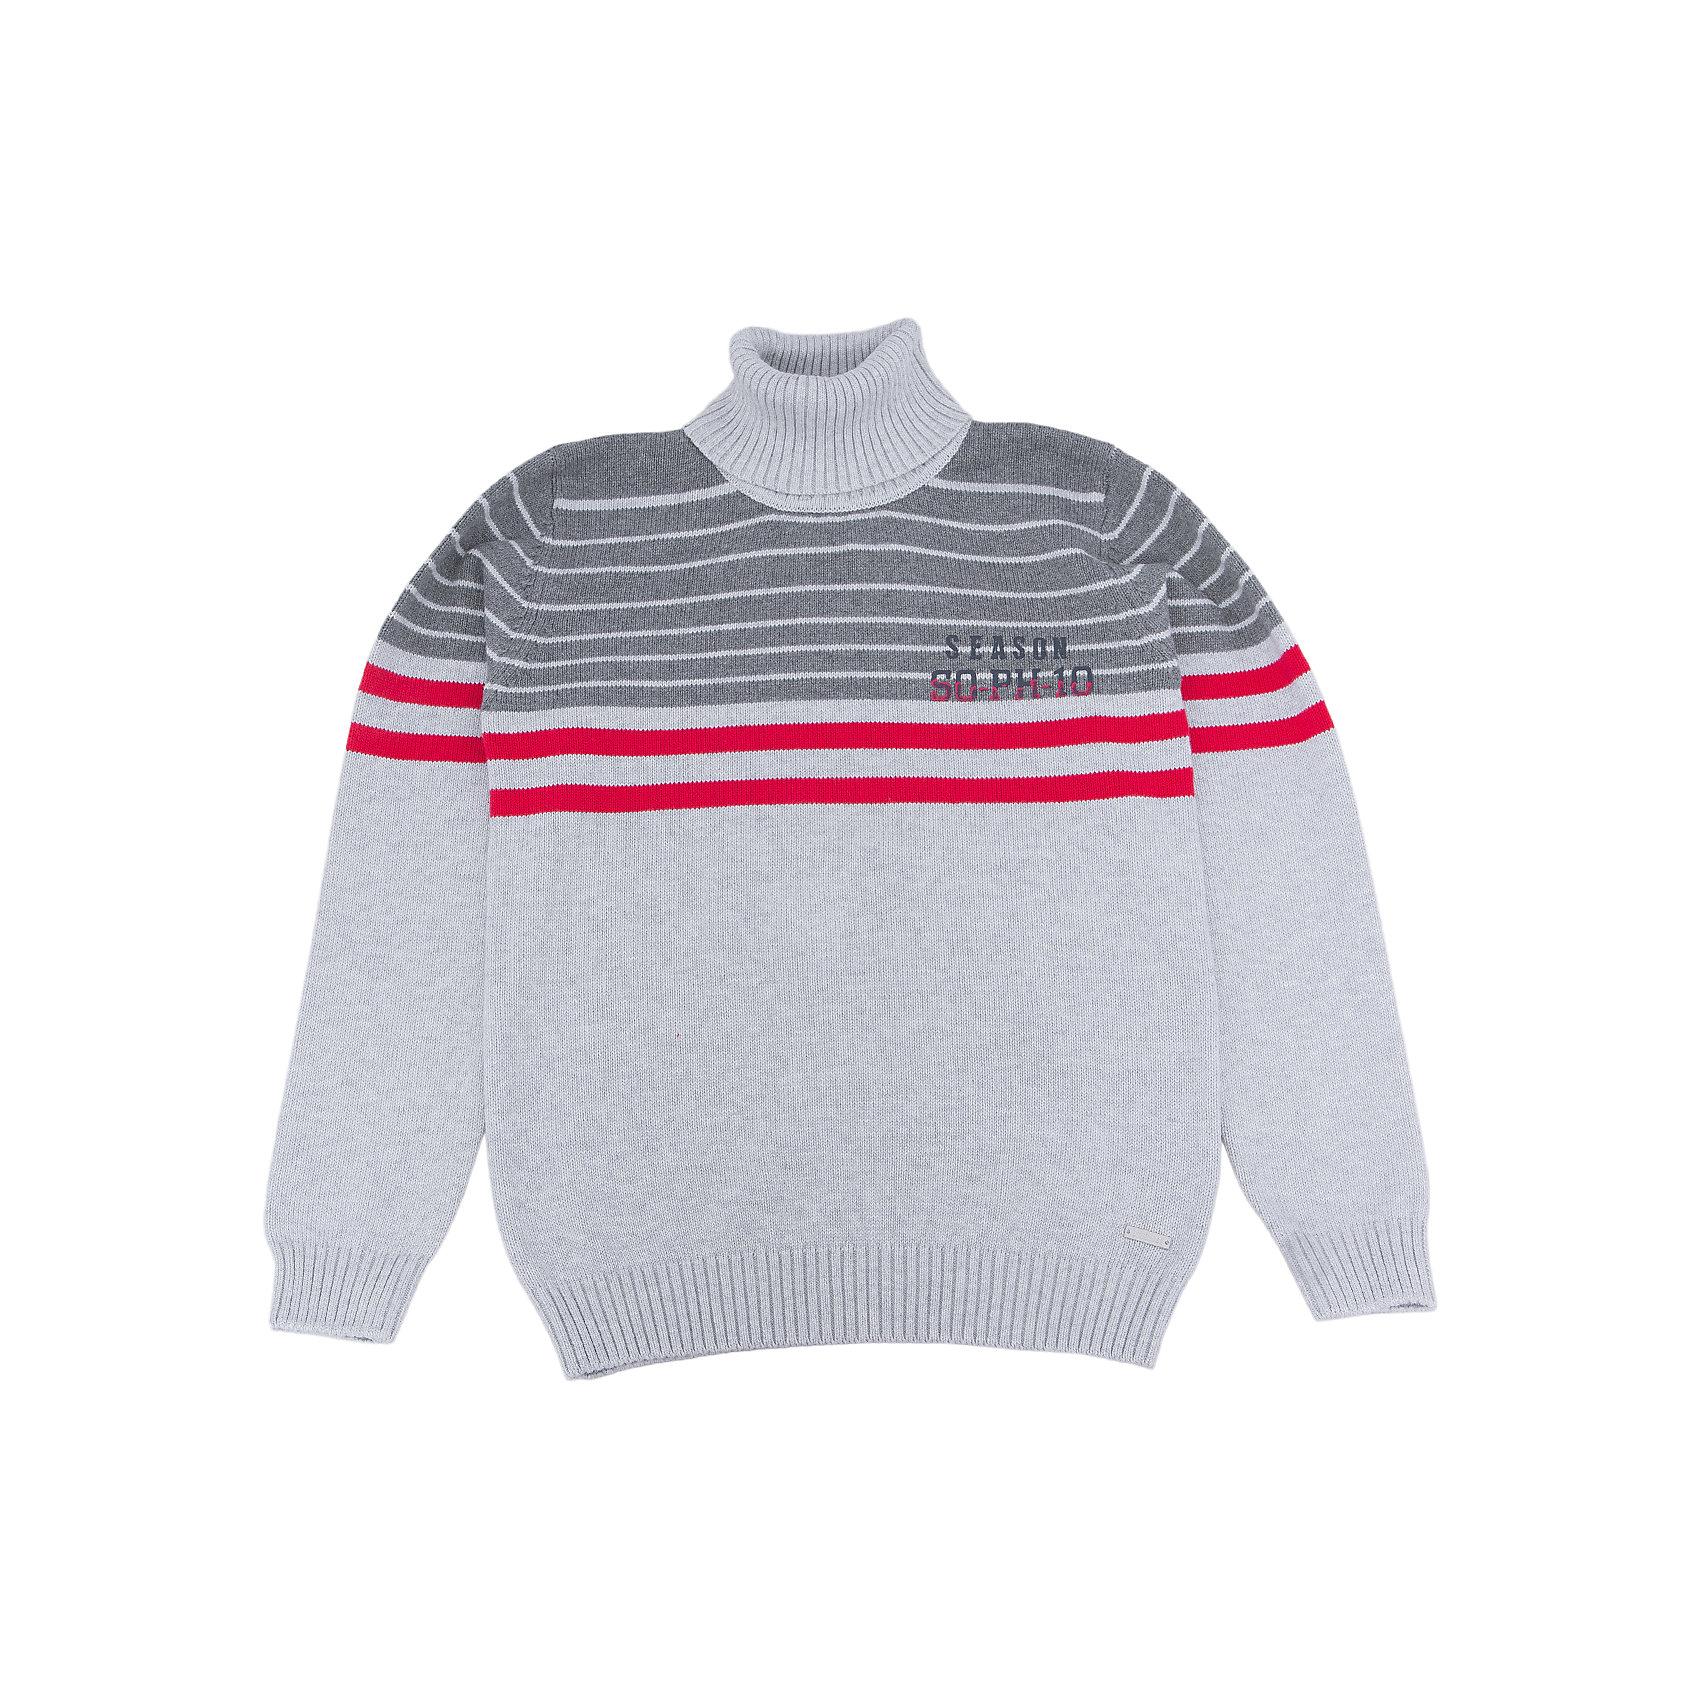 Свитер для мальчика LuminosoВодолазки<br>Характеристики товара:<br><br>- цвет: серый;<br>- материал: 100% хлопок;<br>- высокий ворот;<br>- резинка по низу и на рукавах;<br>- длинный рукав;<br>- в полоску.<br><br>Стильная одежда от бренда Luminoso (Люминосо), созданная при участии итальянских дизайнеров, учитывает потребности подростков и последние веяния моды. Она удобная и модная.<br>Этот стильный свитер идеален для прохладной погоды. Он хорошо сидит на ребенке, обеспечивает комфорт и отлично сочетается с одежной разных стилей. Модель отличается высоким качеством материала и продуманным дизайном.<br><br>Свитер для мальчика от бренда Luminoso (Люминосо) можно купить в нашем интернет-магазине.<br><br>Ширина мм: 190<br>Глубина мм: 74<br>Высота мм: 229<br>Вес г: 236<br>Цвет: серый<br>Возраст от месяцев: 144<br>Возраст до месяцев: 156<br>Пол: Мужской<br>Возраст: Детский<br>Размер: 158,140,146,152,164,134<br>SKU: 4931005